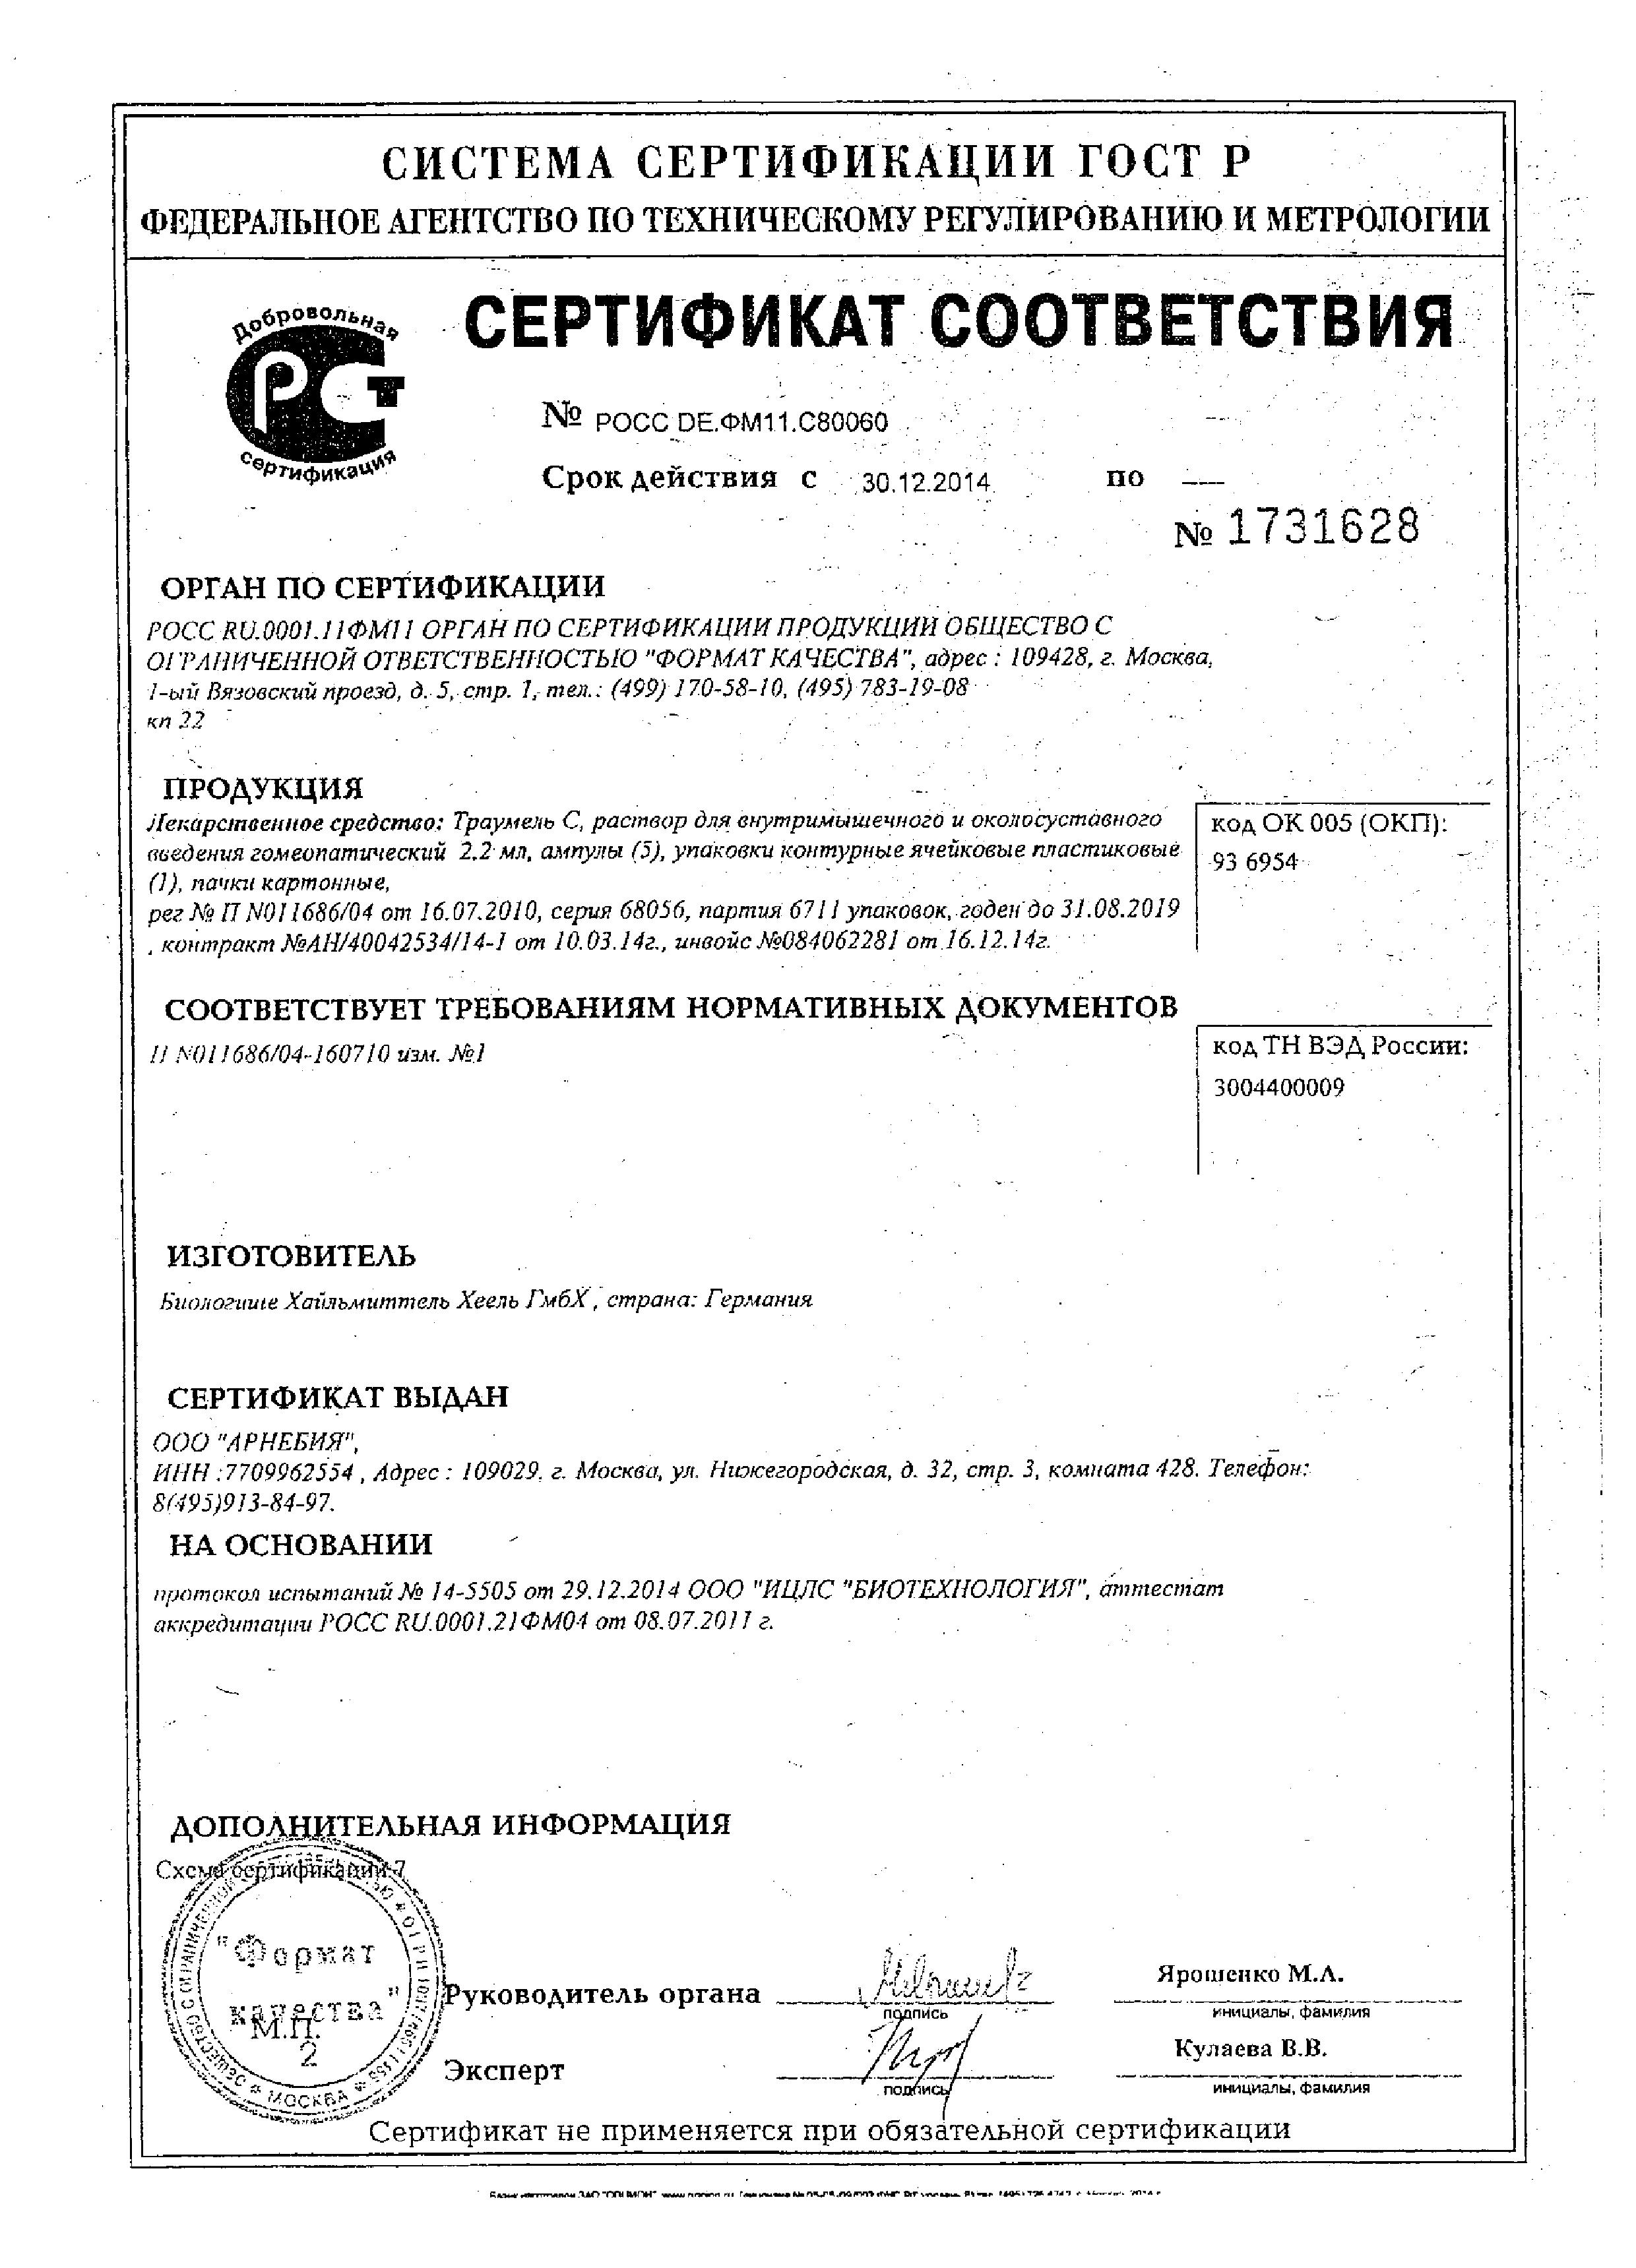 Траумель С сертификат